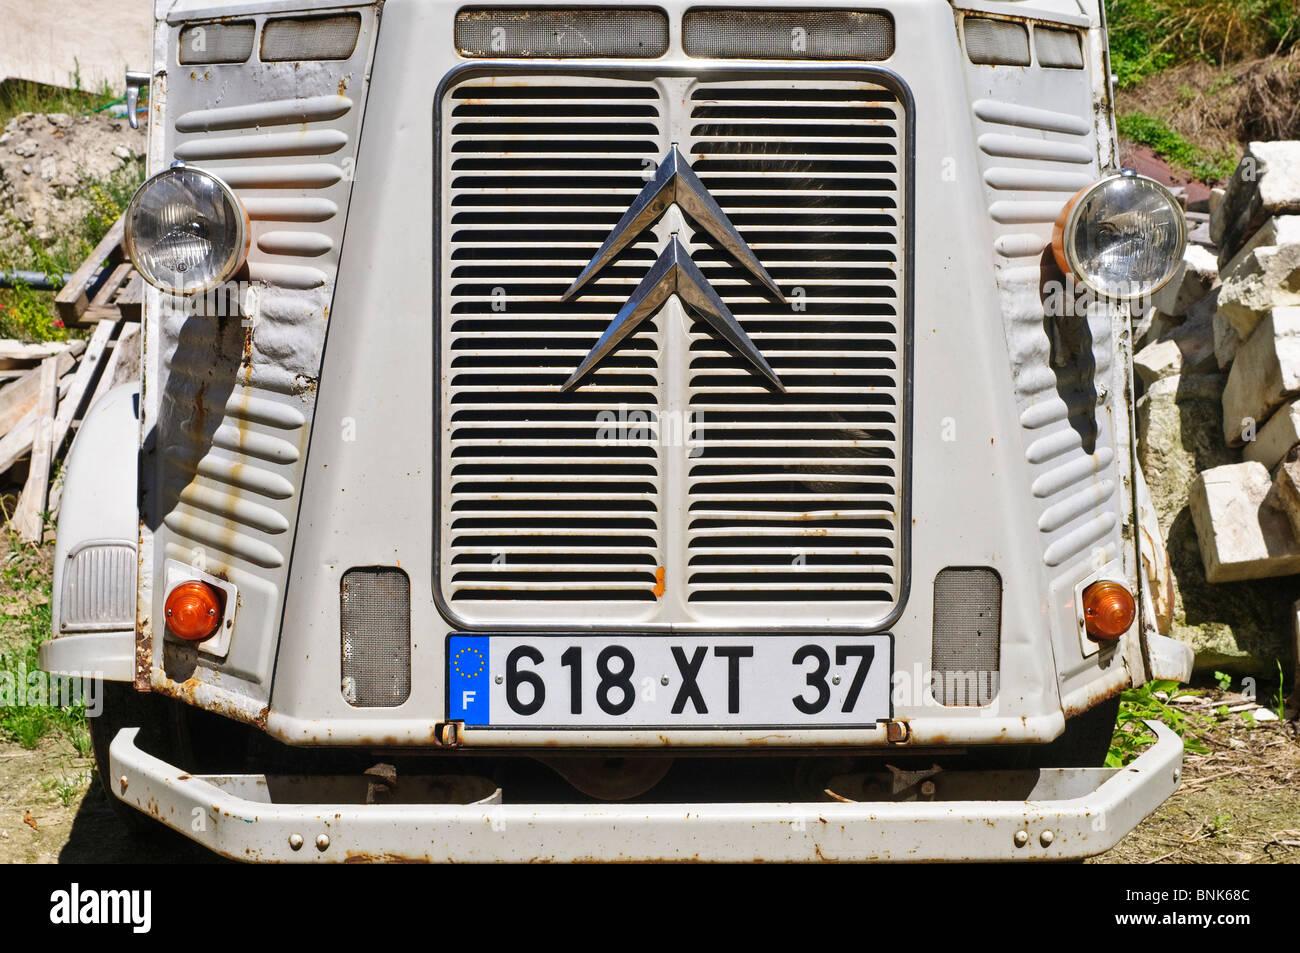 Citroen Sign Logo Stock Photos Amp Citroen Sign Logo Stock